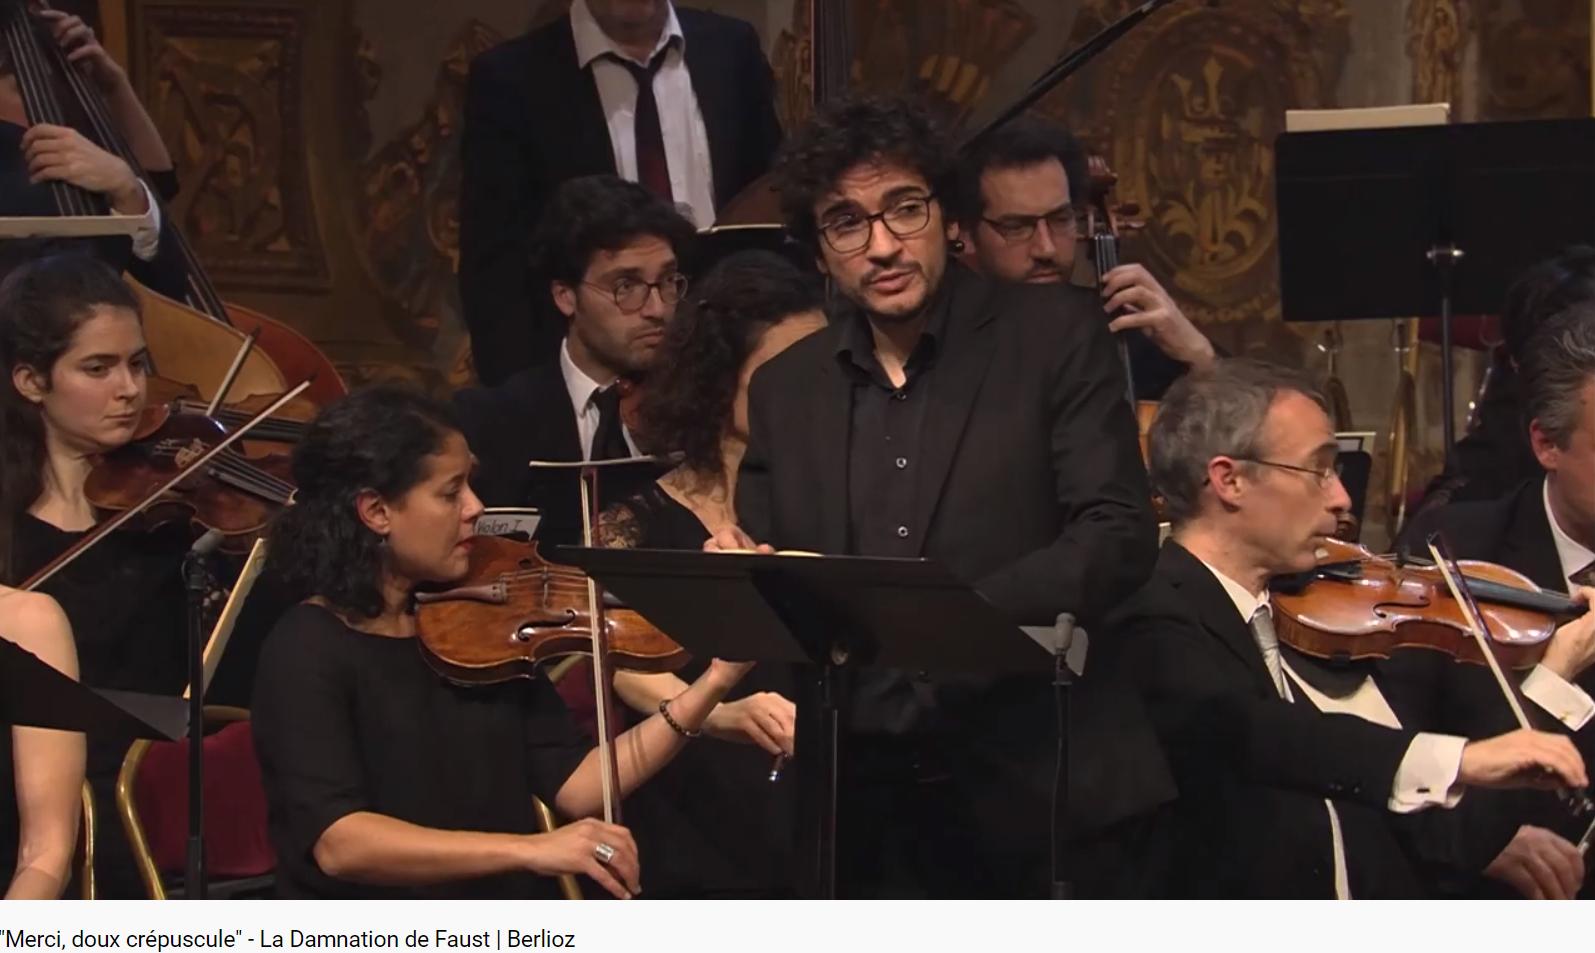 Berlioz la Damnation de Faust Merci, doux crépuscule